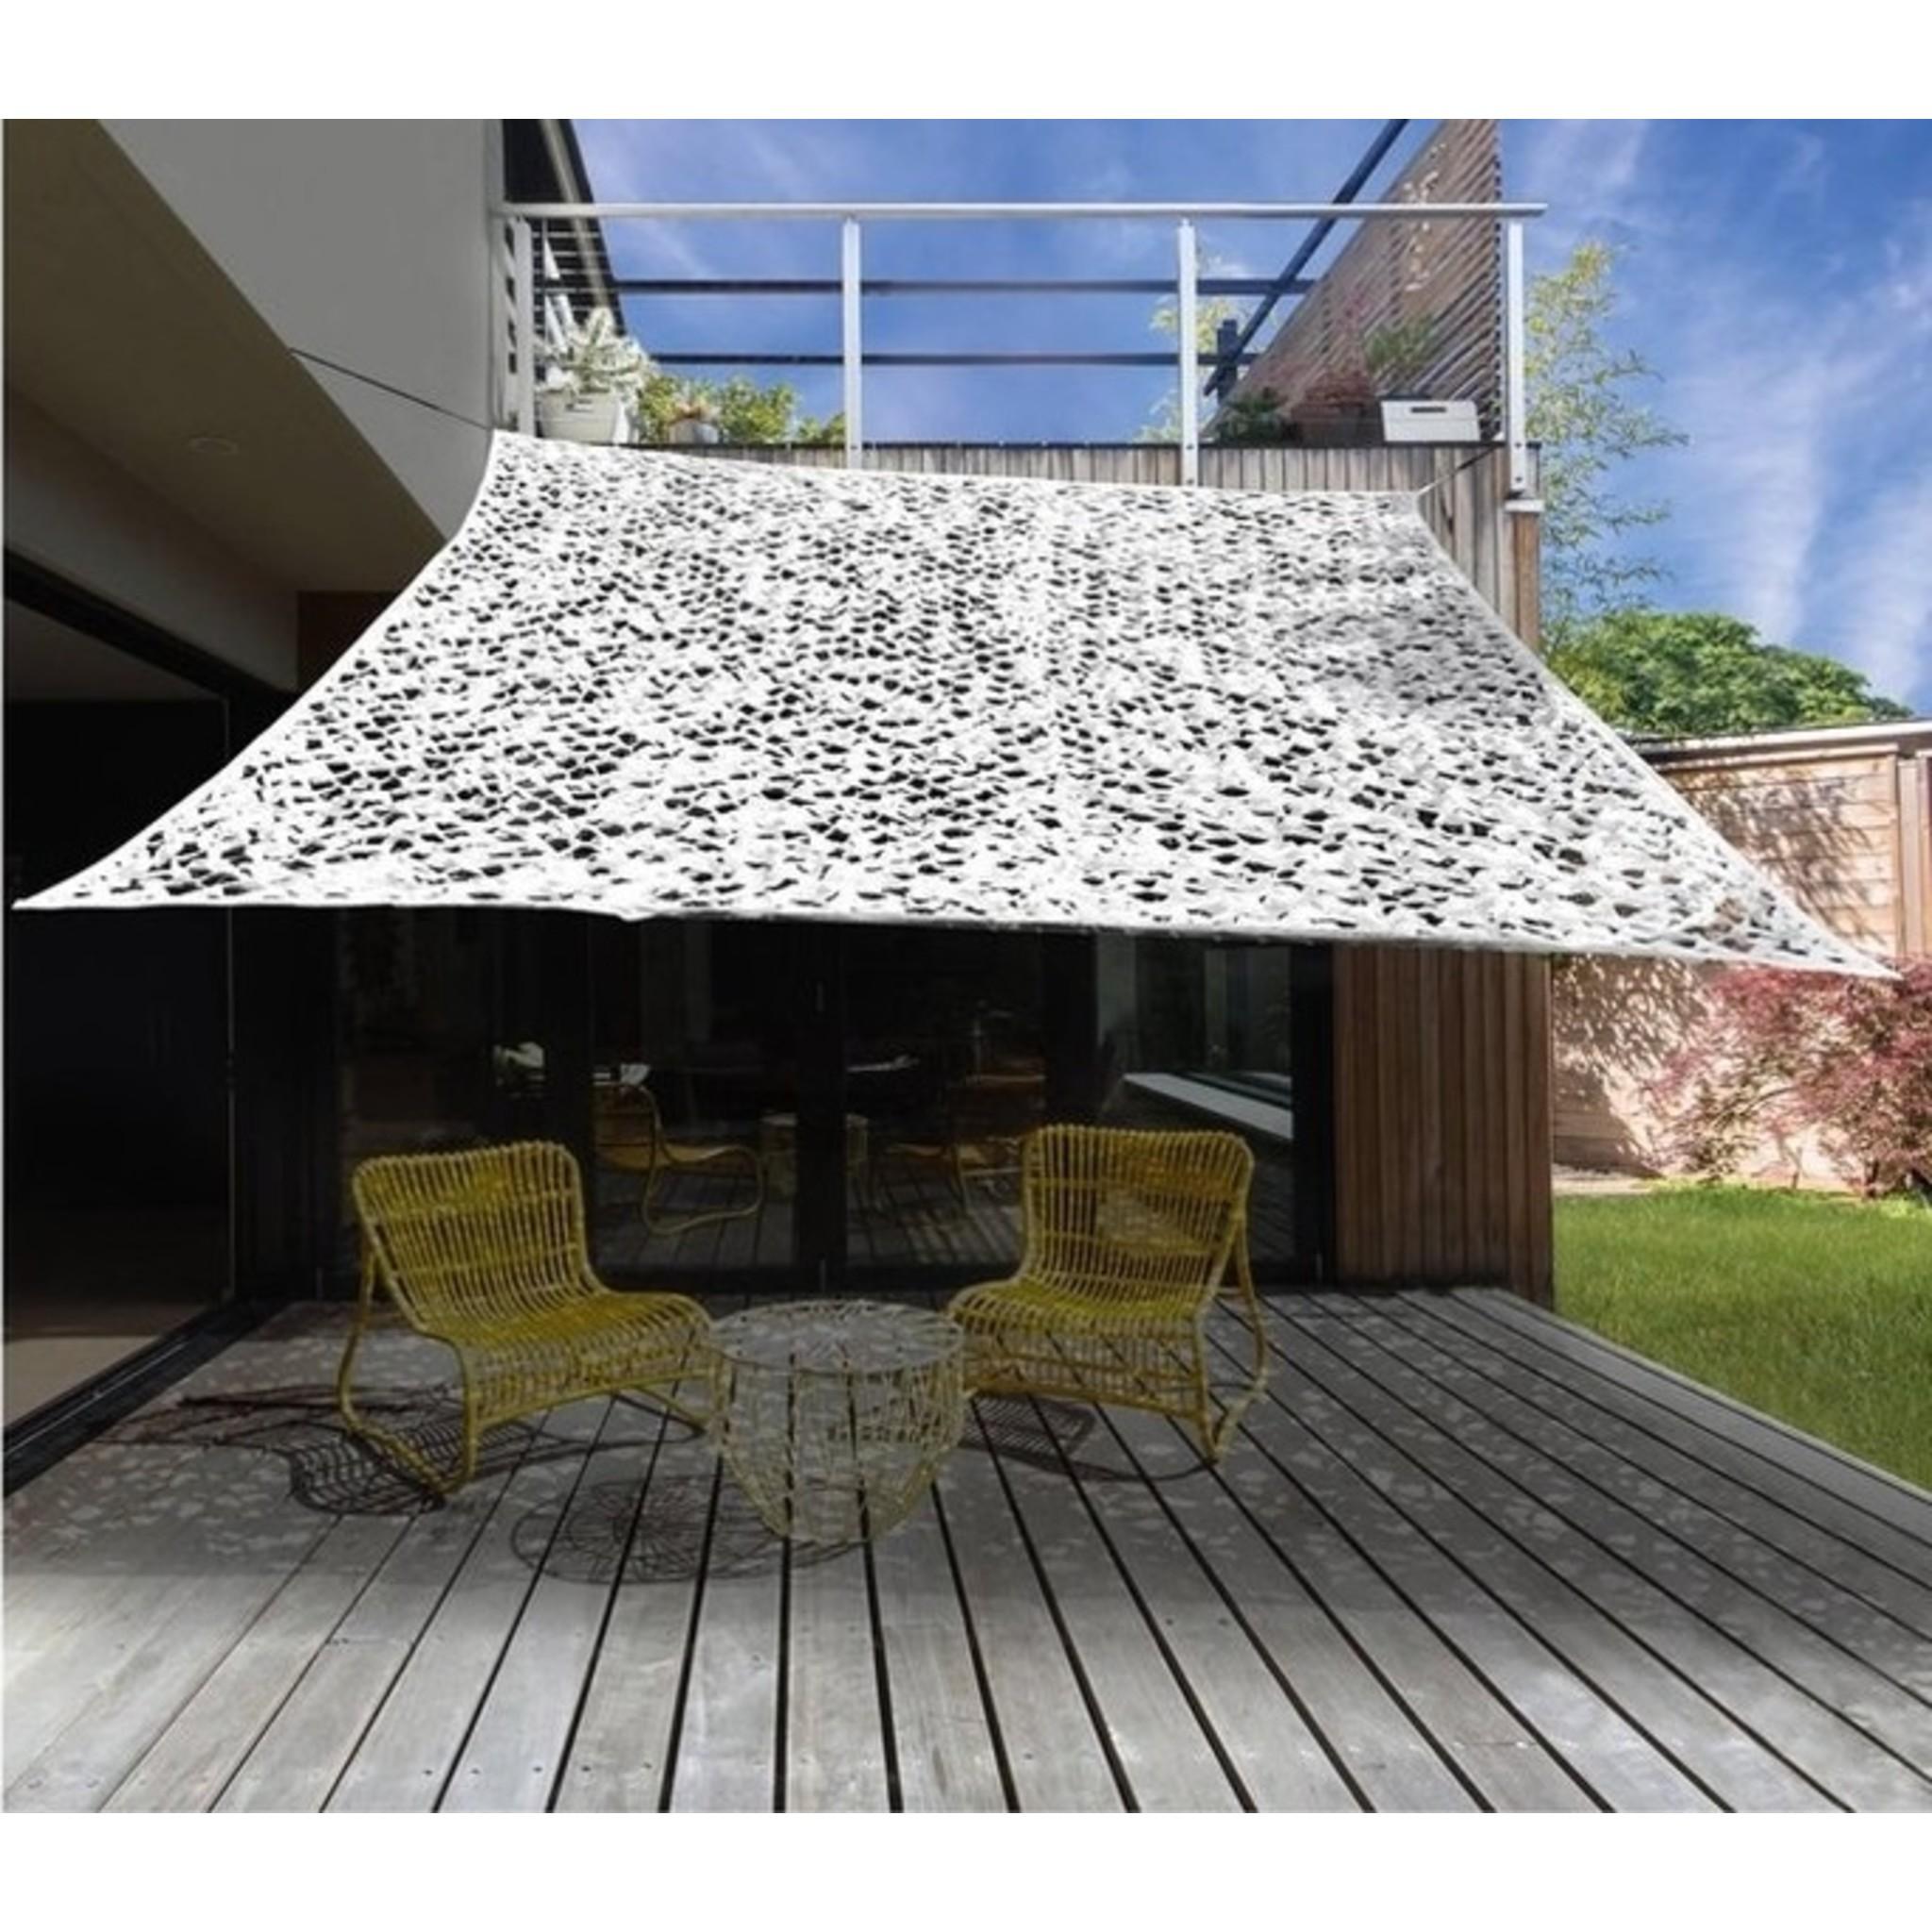 Camouflage / Schaduw Net - 2x3 meter - Wit